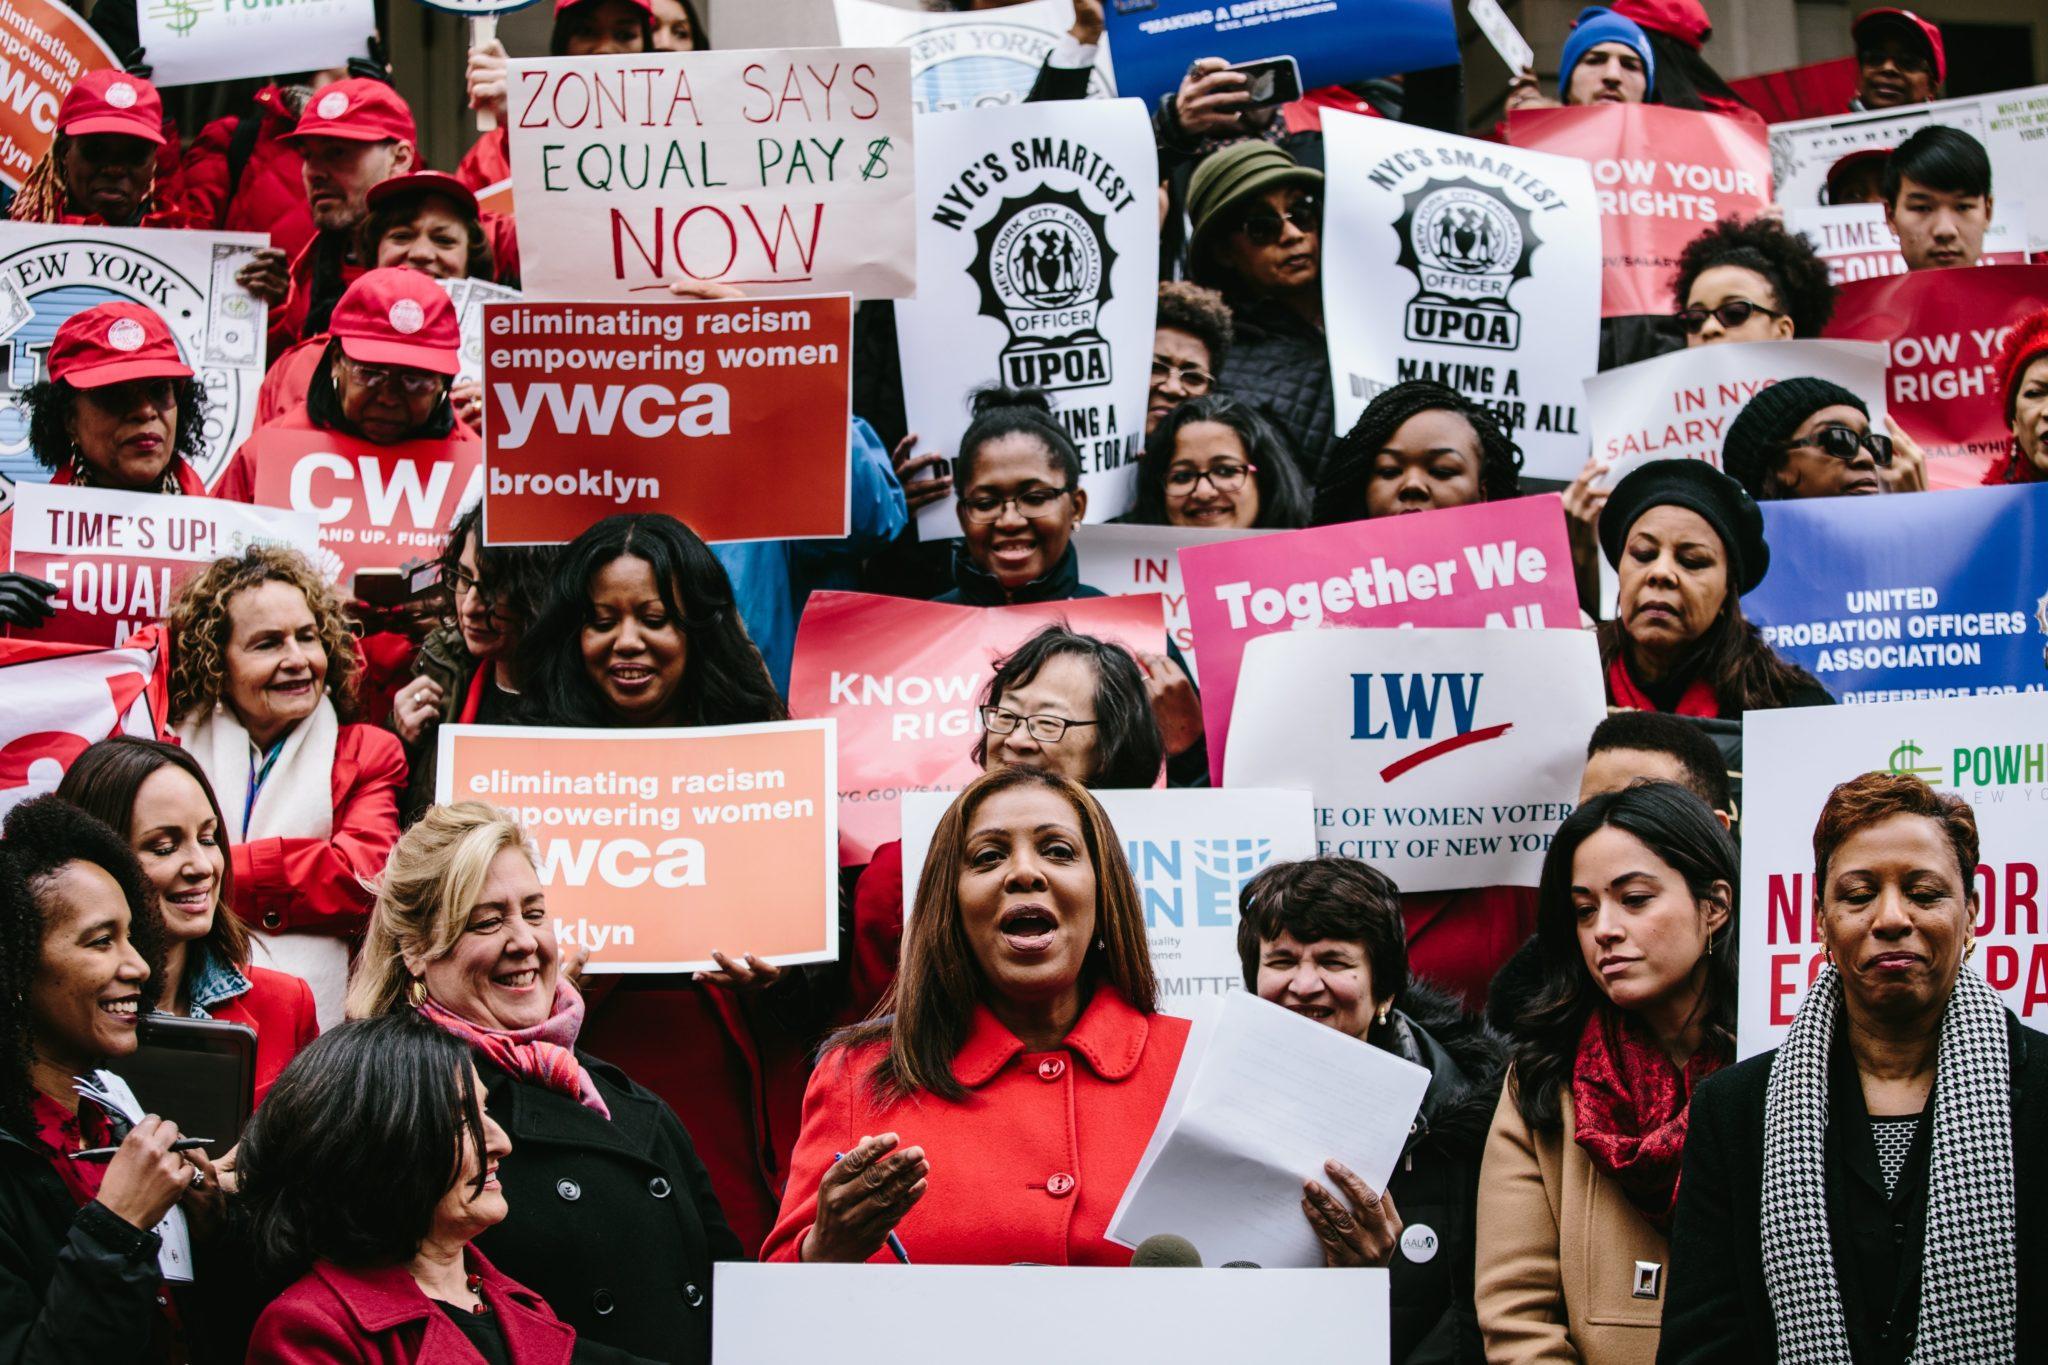 USA, Nowy Jork: pikieta z okazji Dnia Równości Wynagrodzeń, fot: Alba Vigaray, PAP/EPA